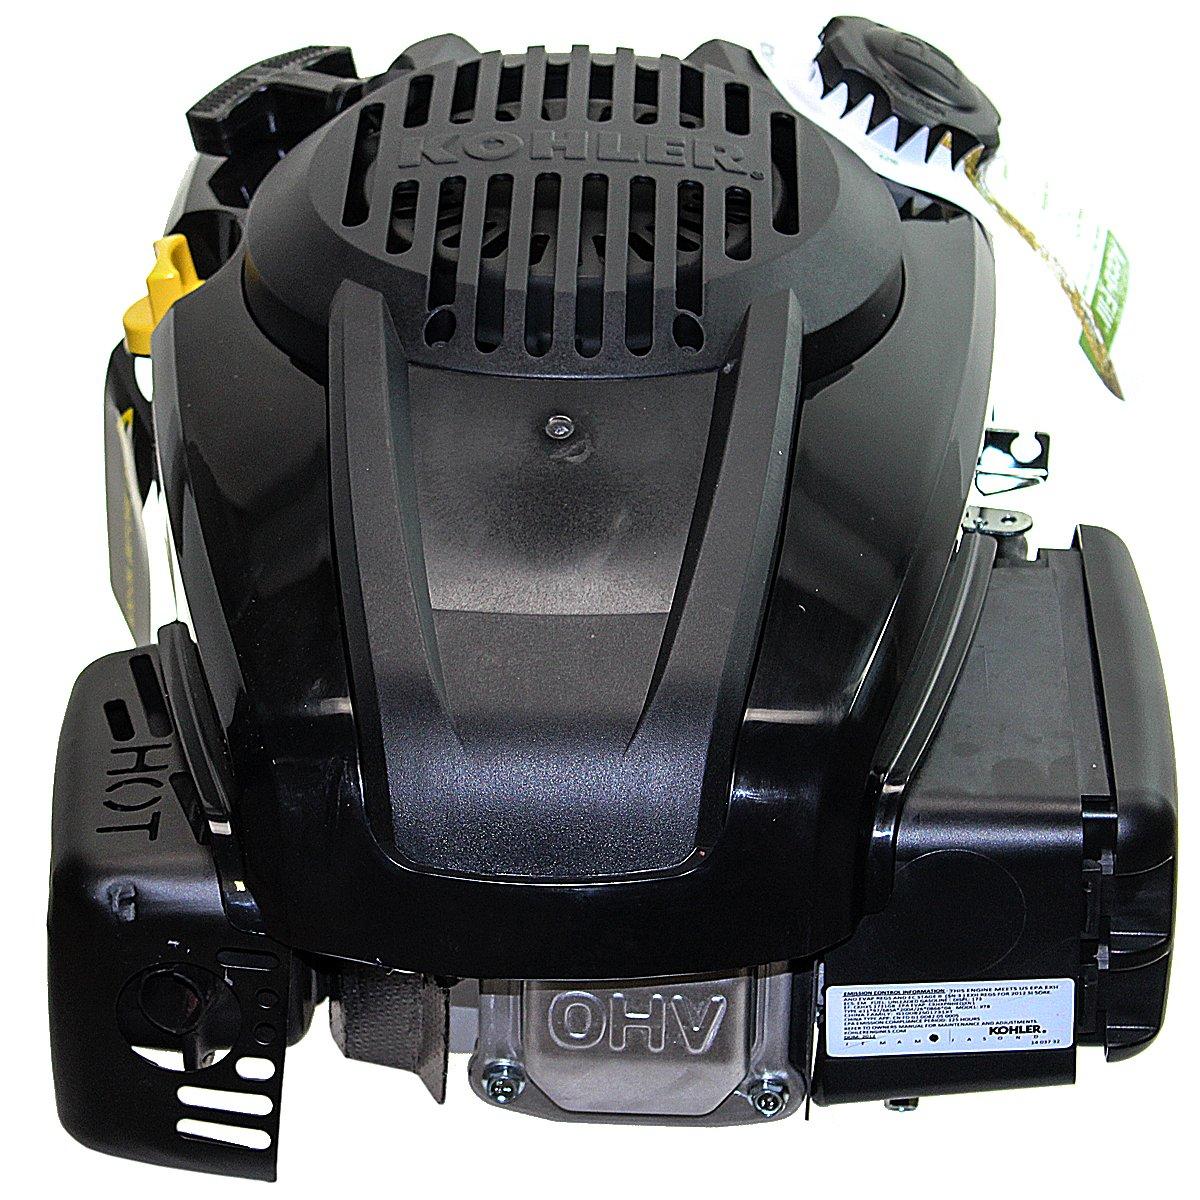 Kohler PA-XT800-2013 Xt800 Engine Genuine Original Equipment Manufacturer (OEM) part for Kohler